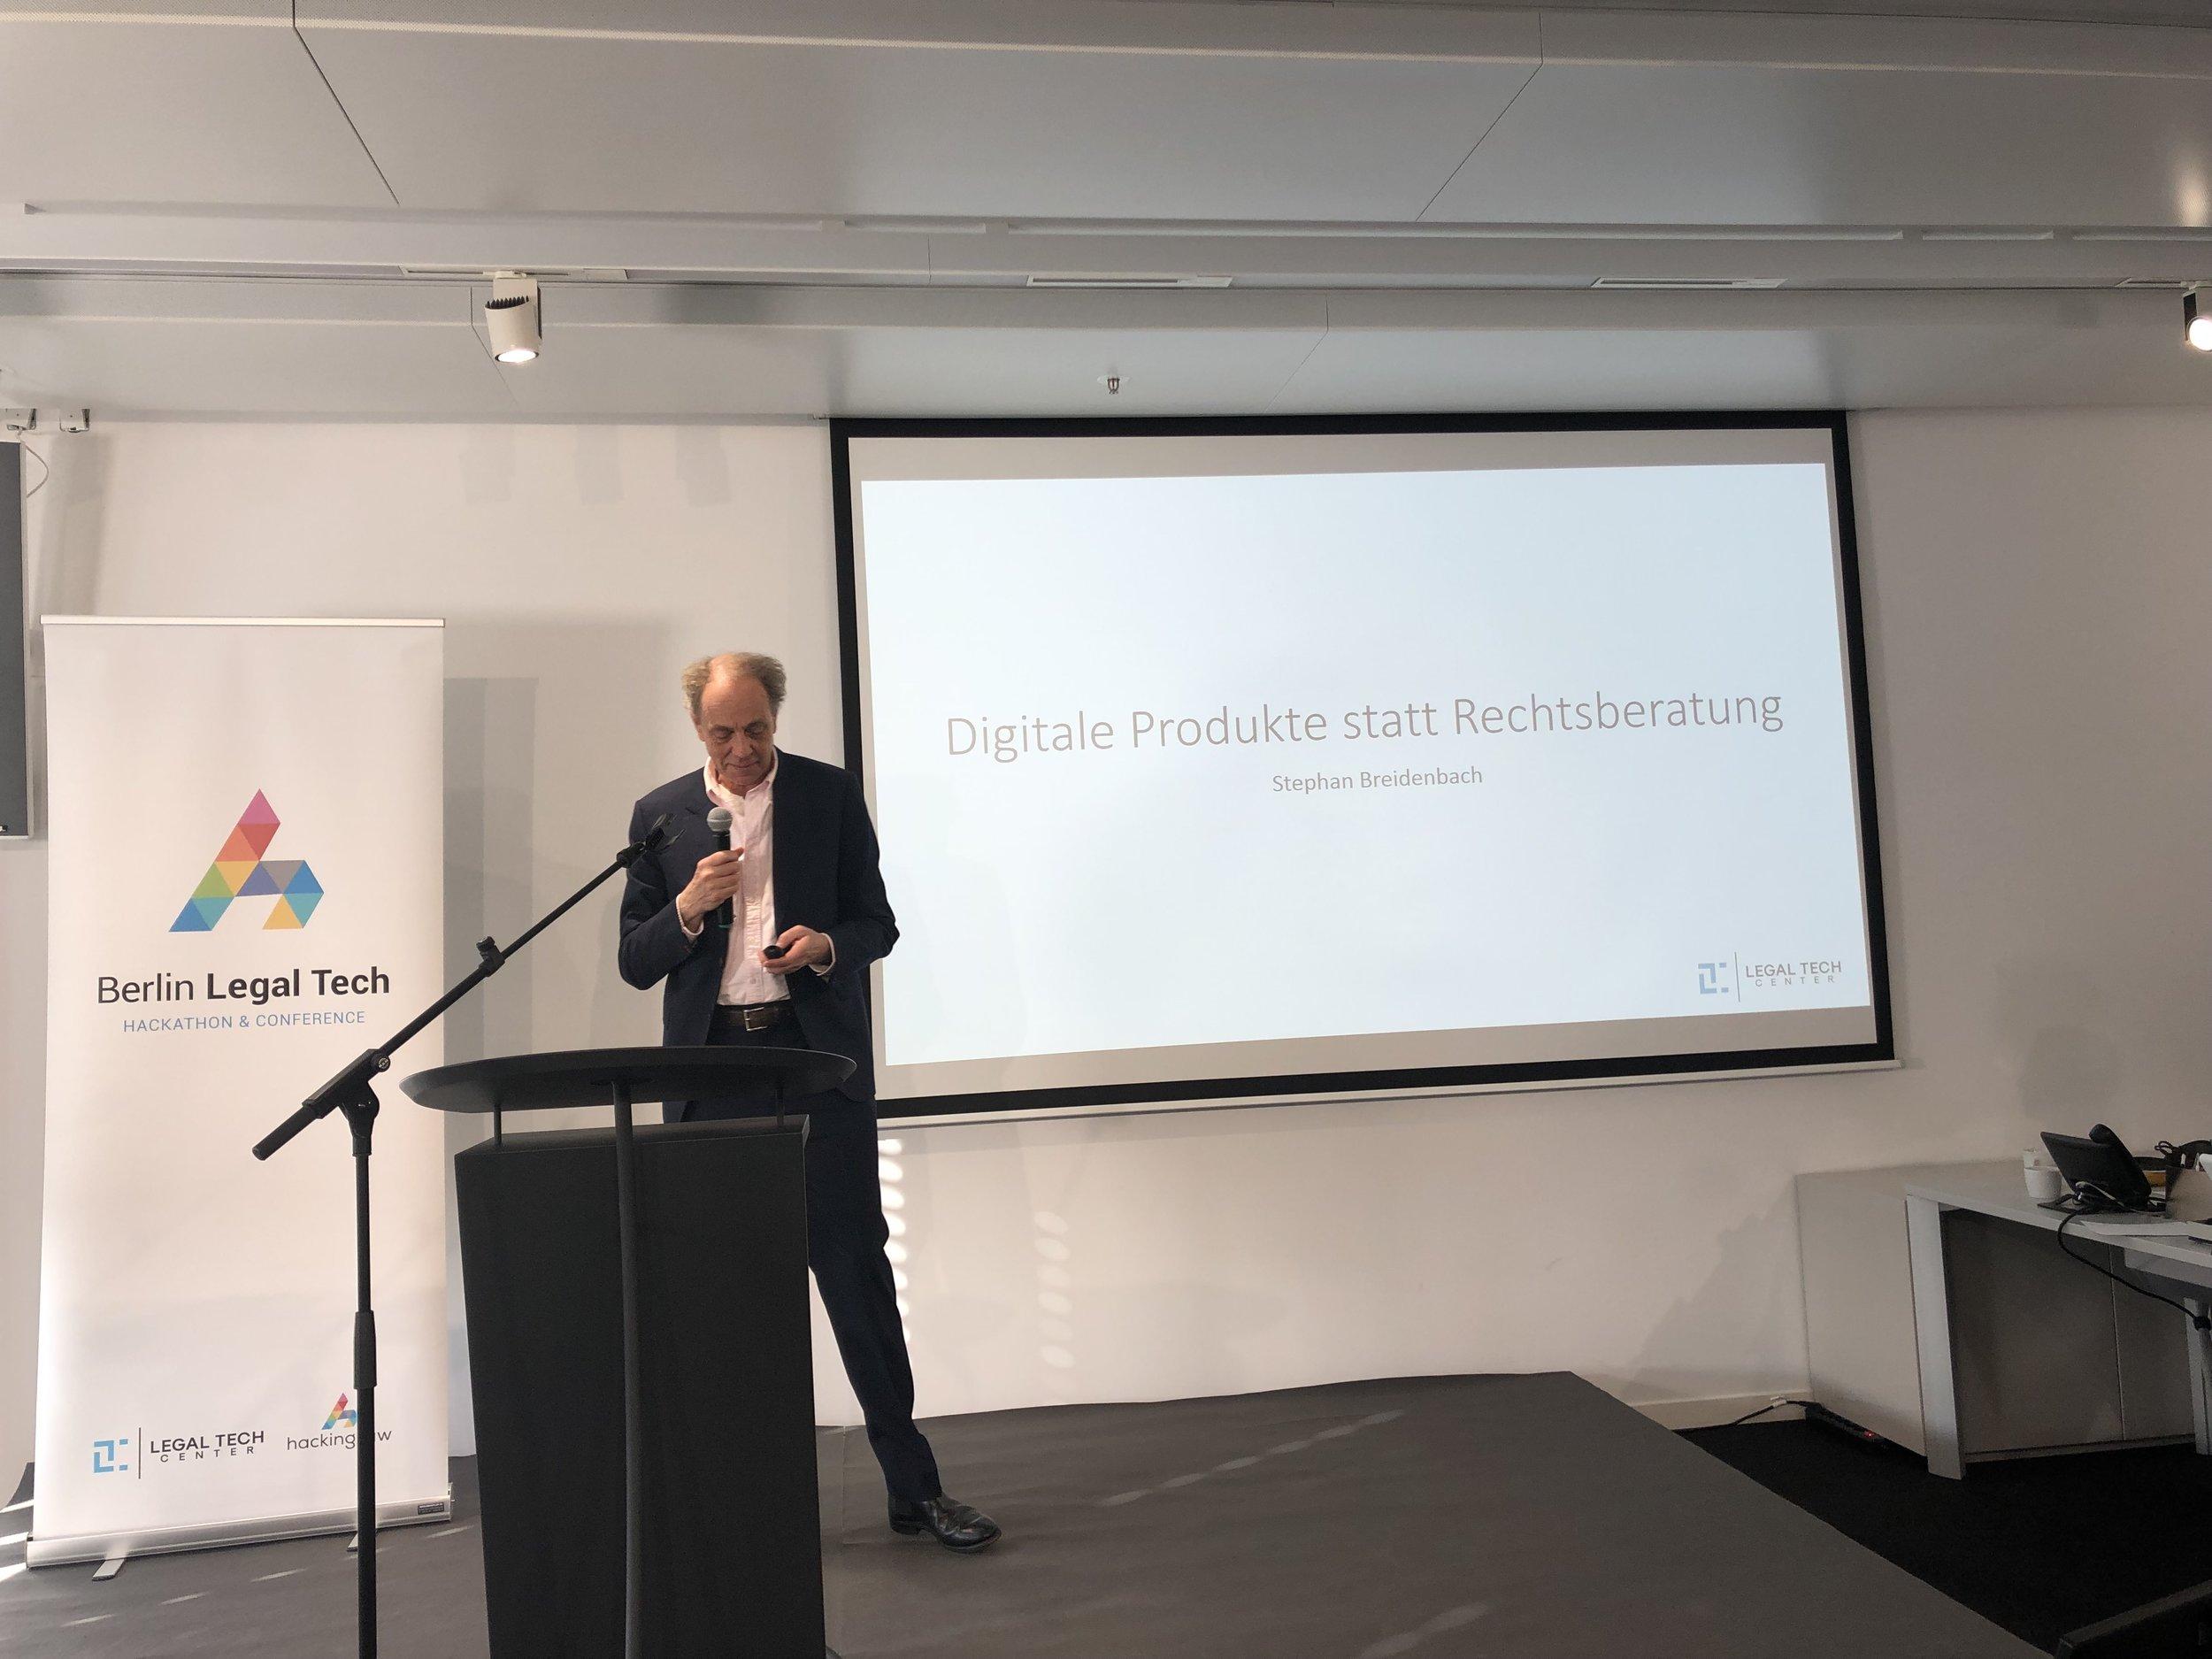 Stephan Breidenbach @ Berlin Legal Tech 2019